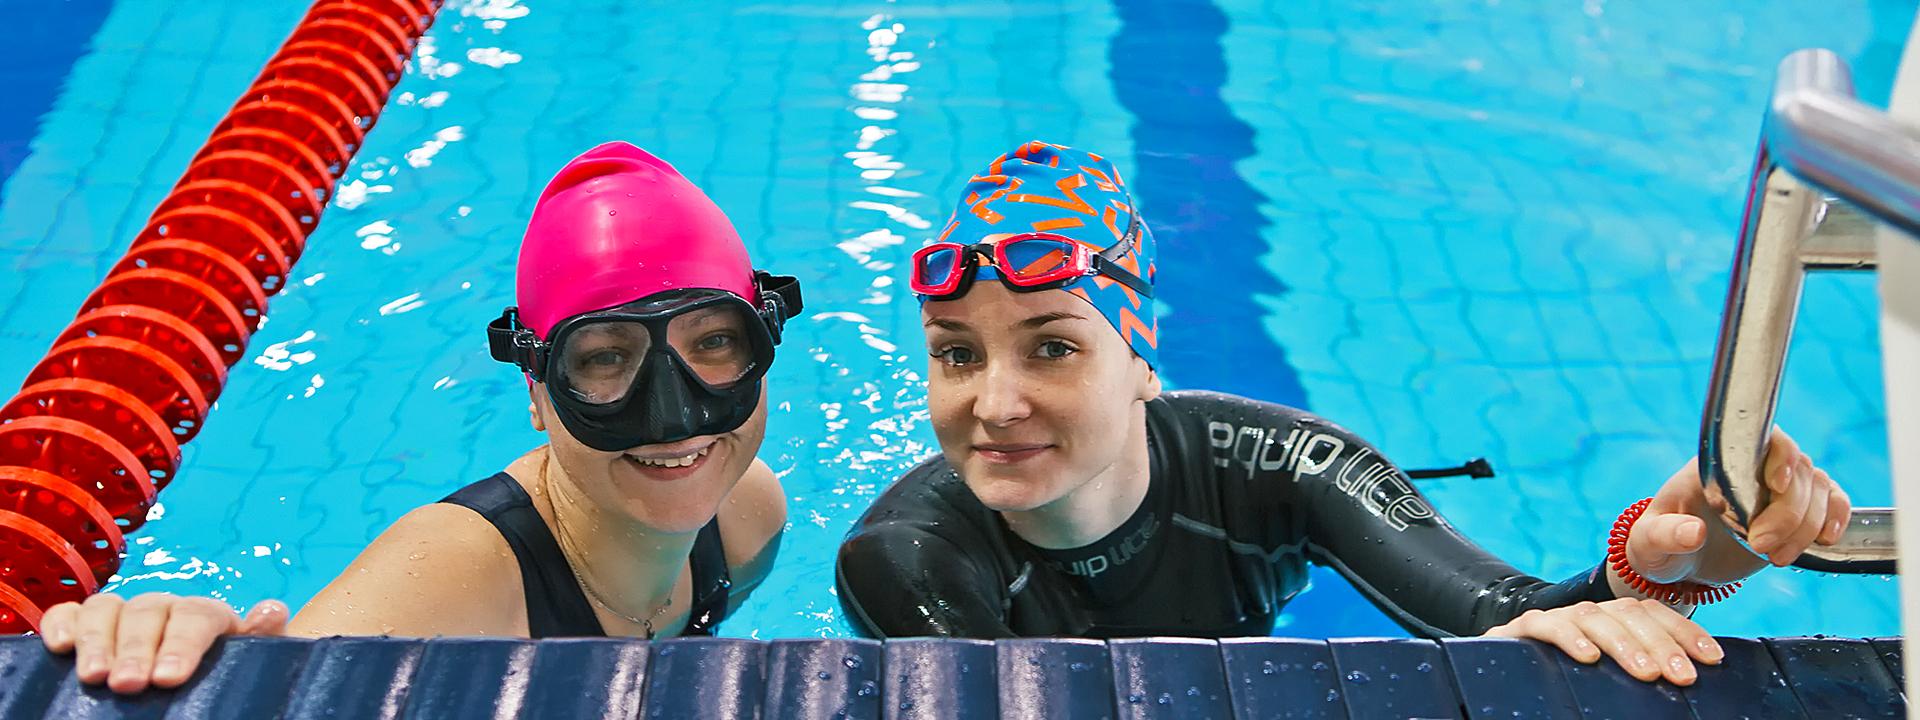 обучение фридайвингу, фридайвинг, подводное плавание